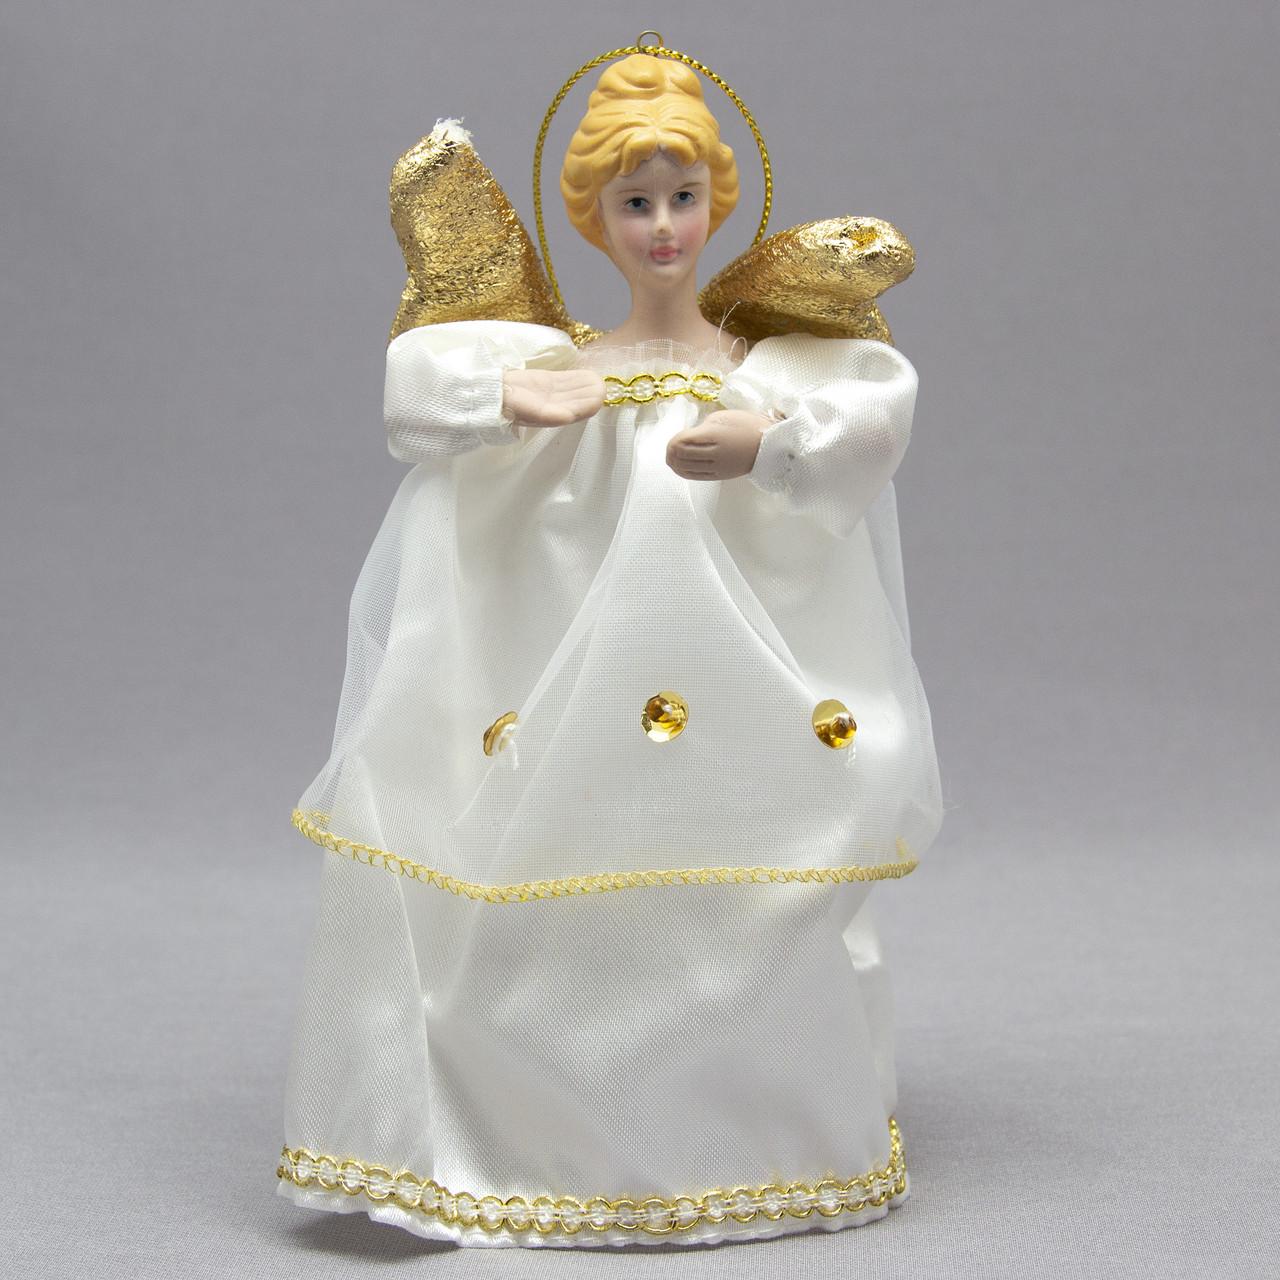 Фигурка сувенирная - Ангелы с крыльями 15 см, золотой ангел (000319-1)